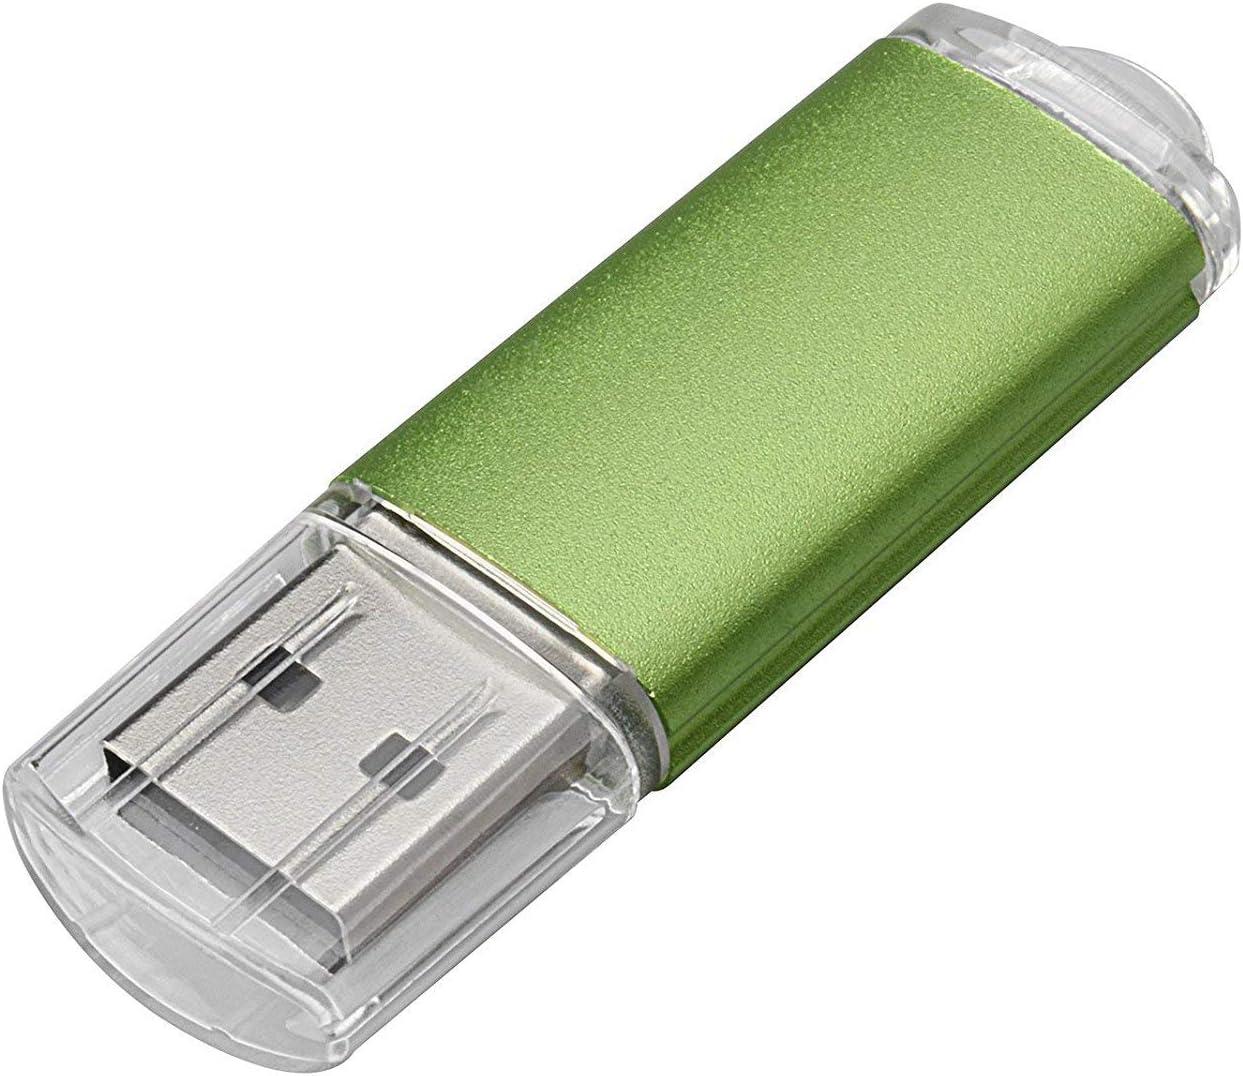 2.0//16GB, Green 100PCS 2.0//3.0 USB Flash Drive Pen Drive Memory Stick Thumb Stick Pen Black